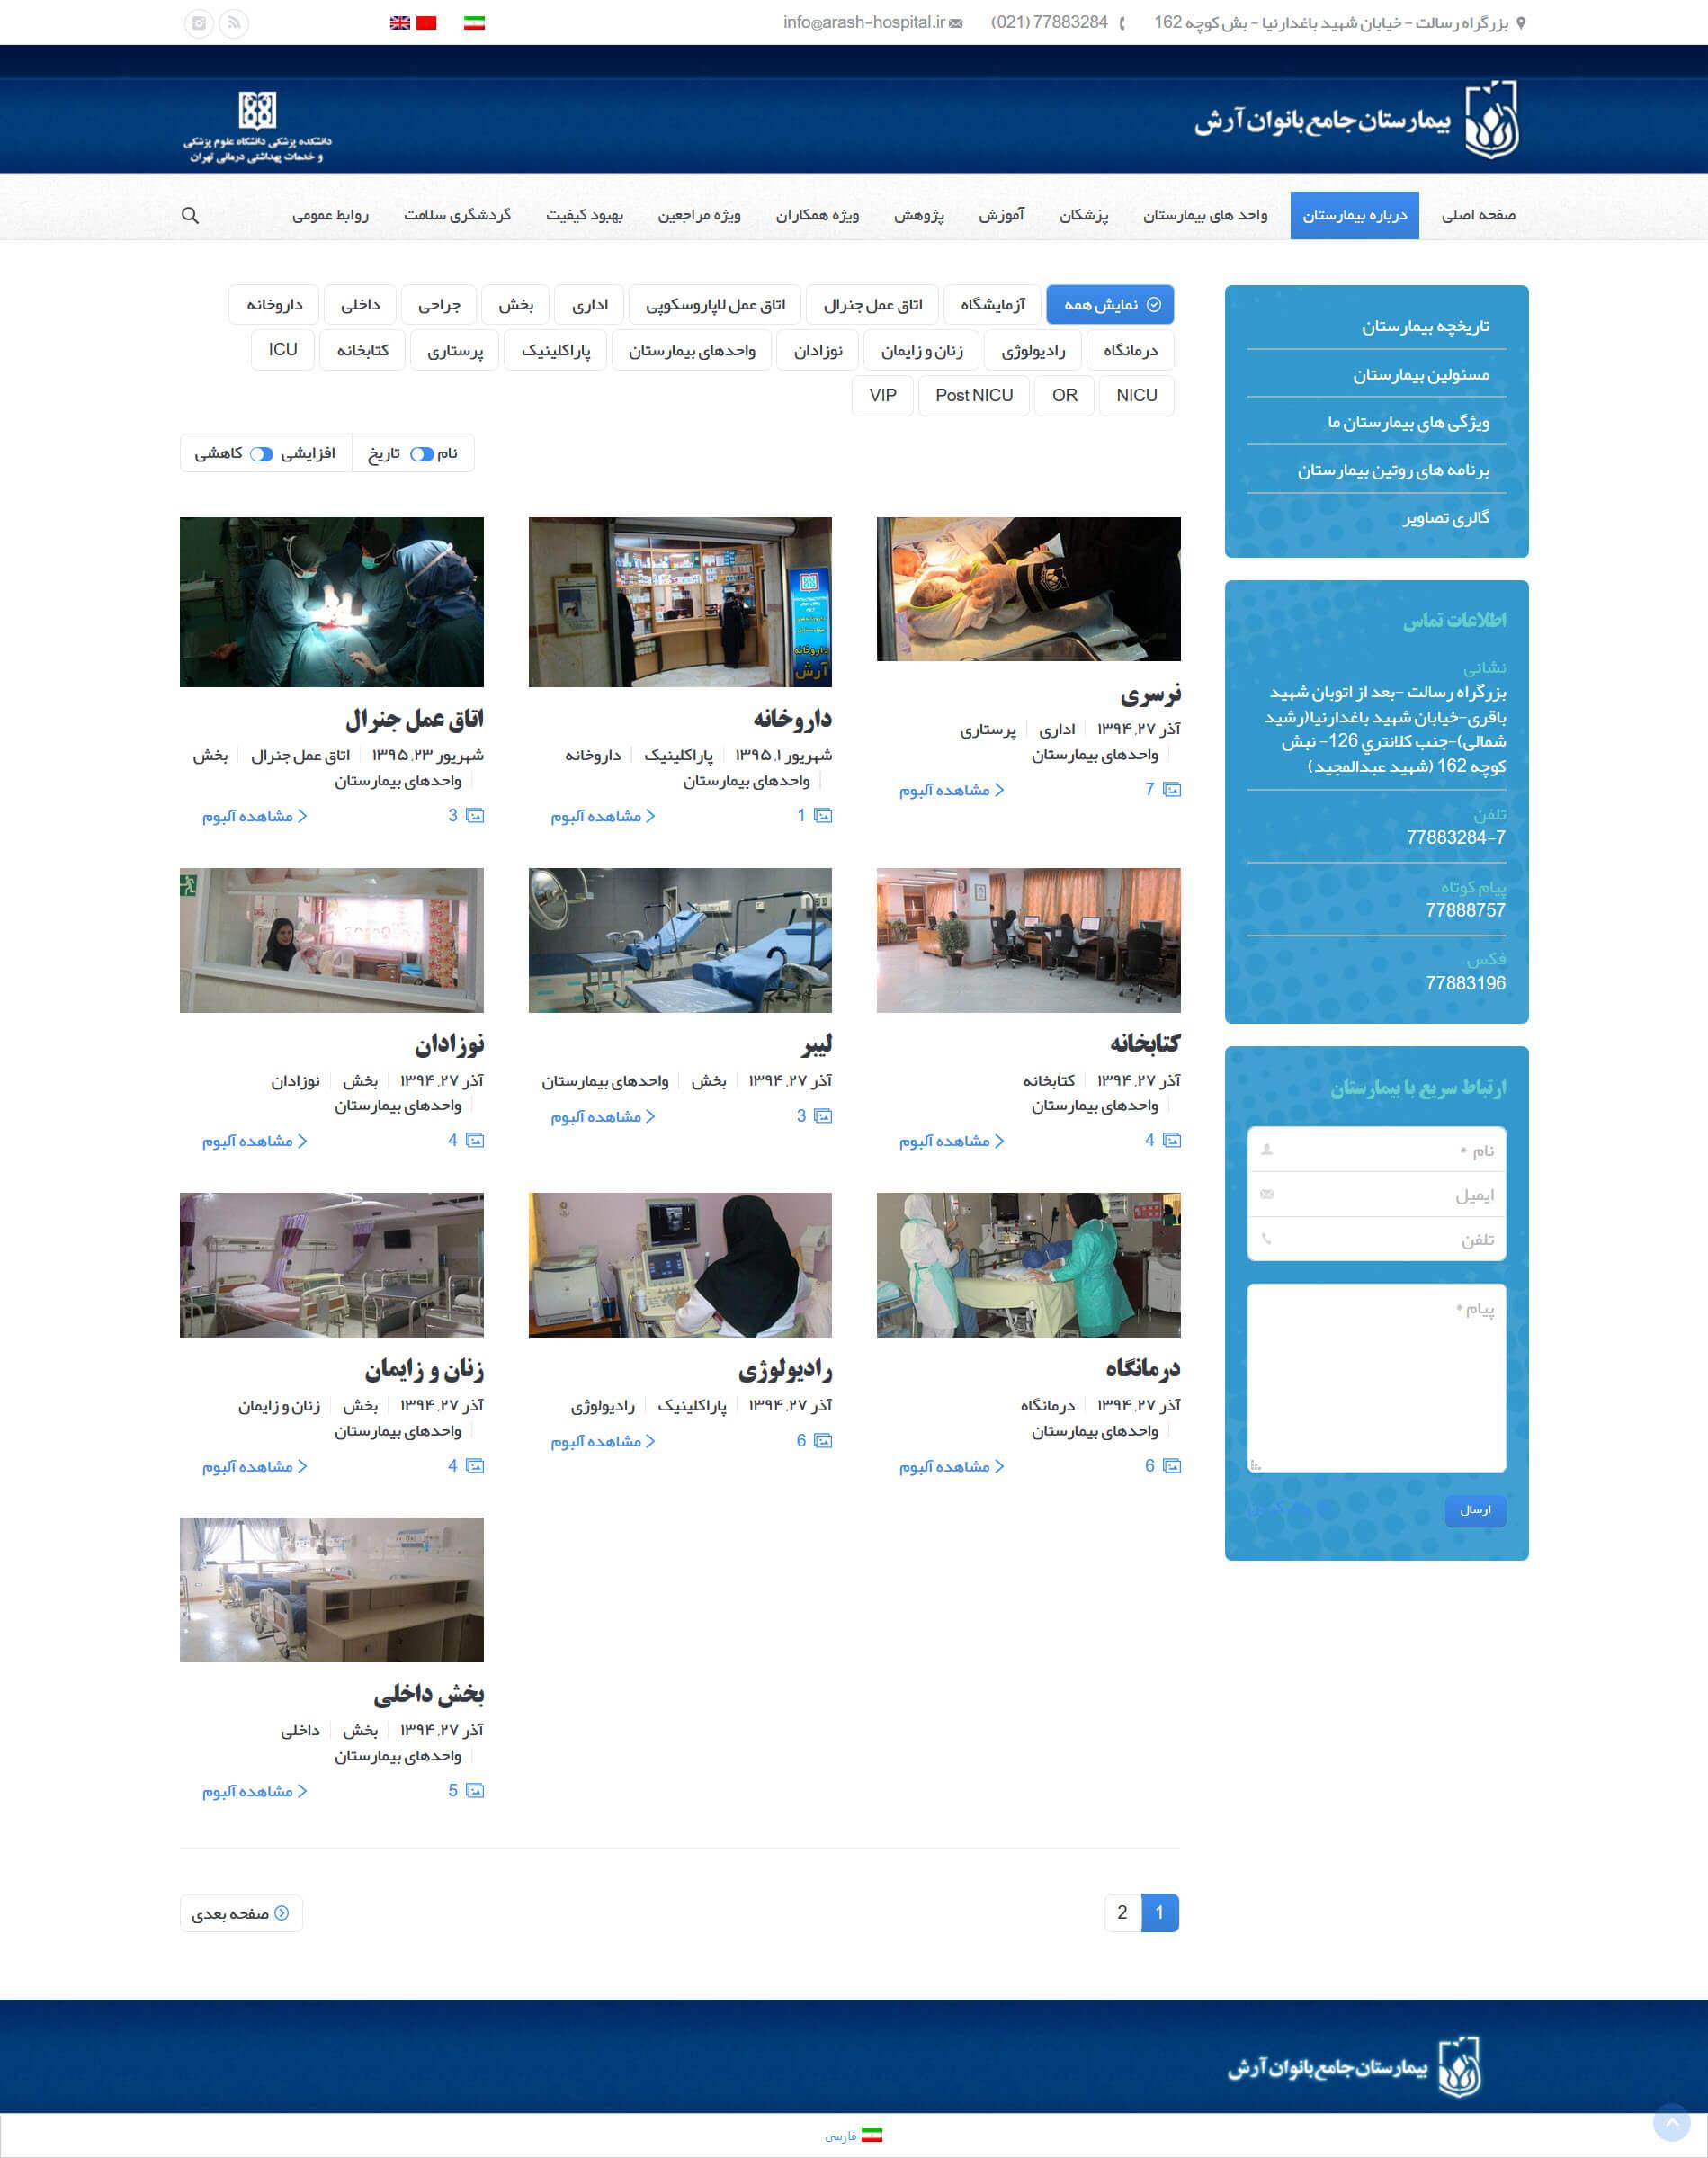 صفحه گالری تصاویر سایت بیمارستان بانوان آرش